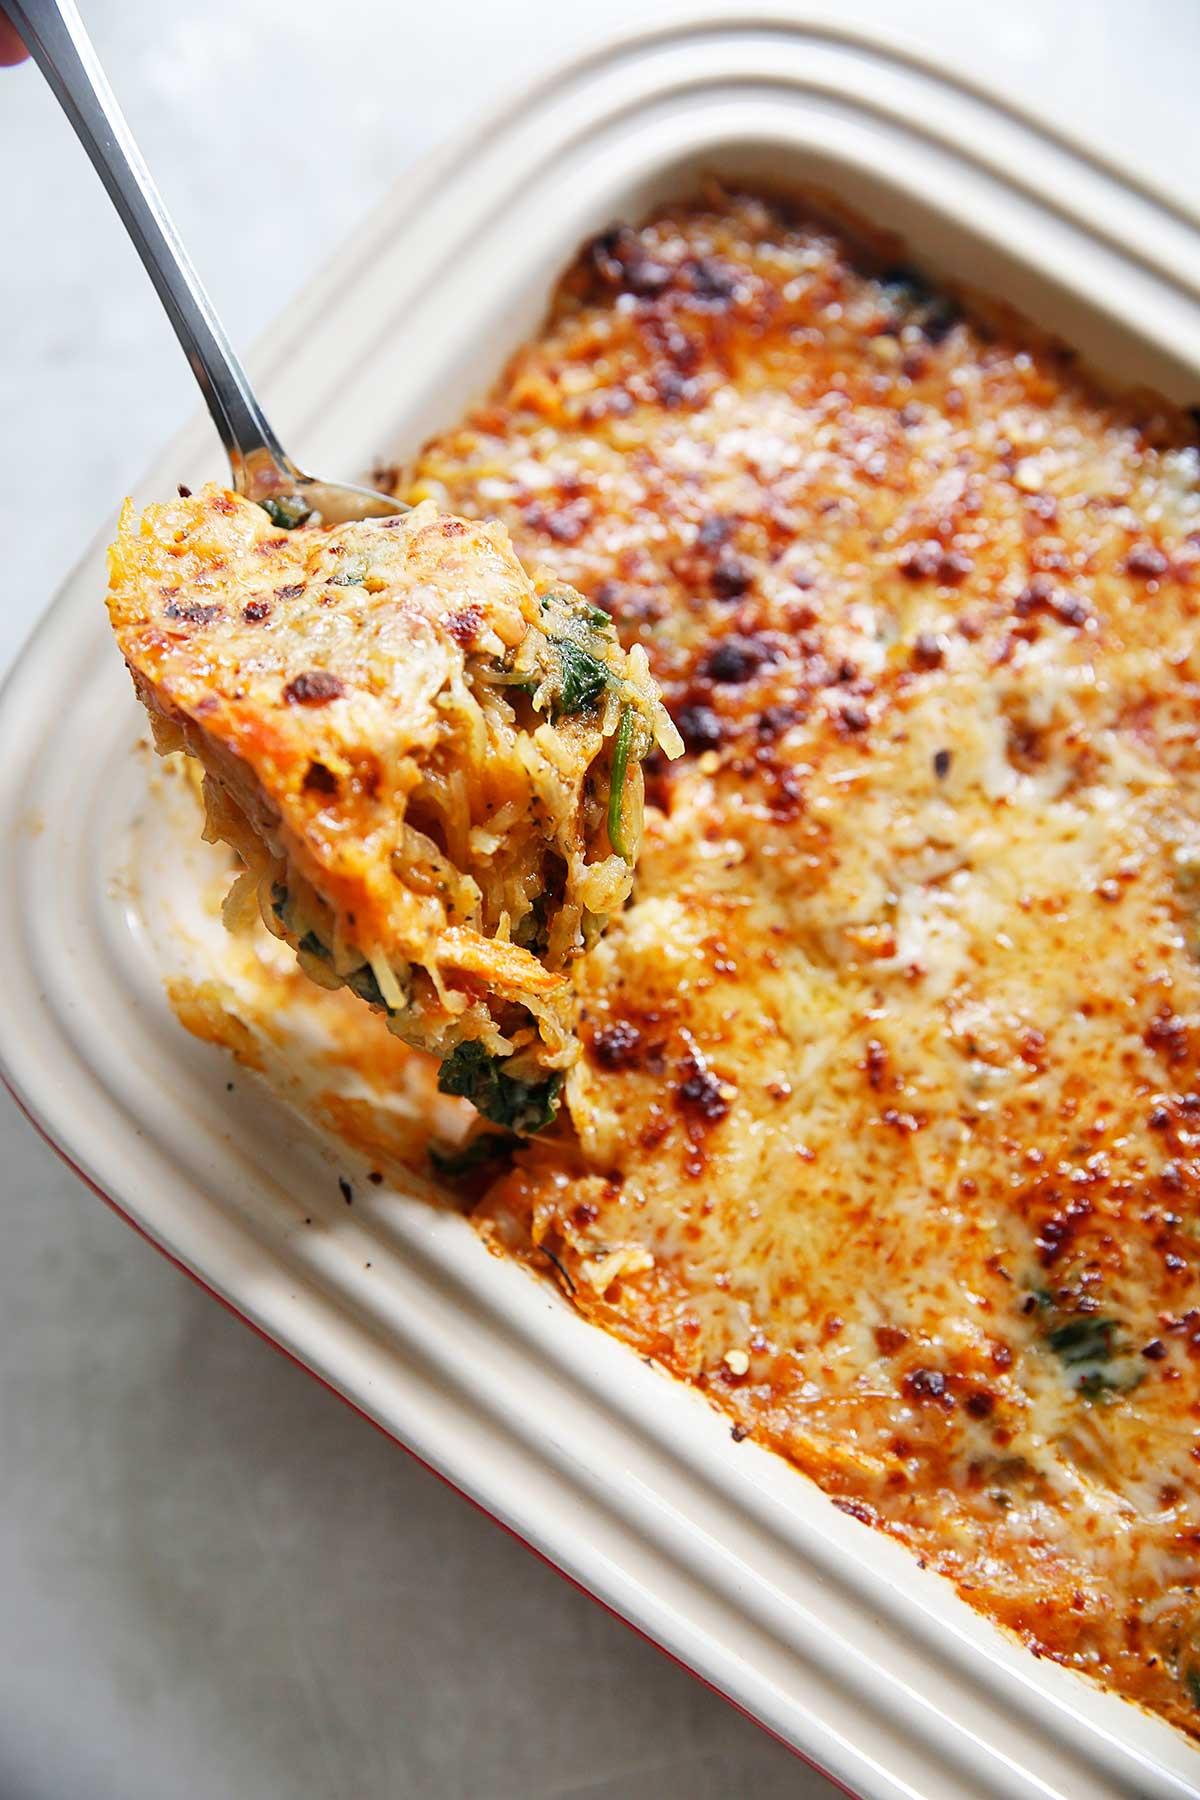 Healthy Spaghetti Squash Casserole  11 How to Cook Spaghetti Squash [Recipes]